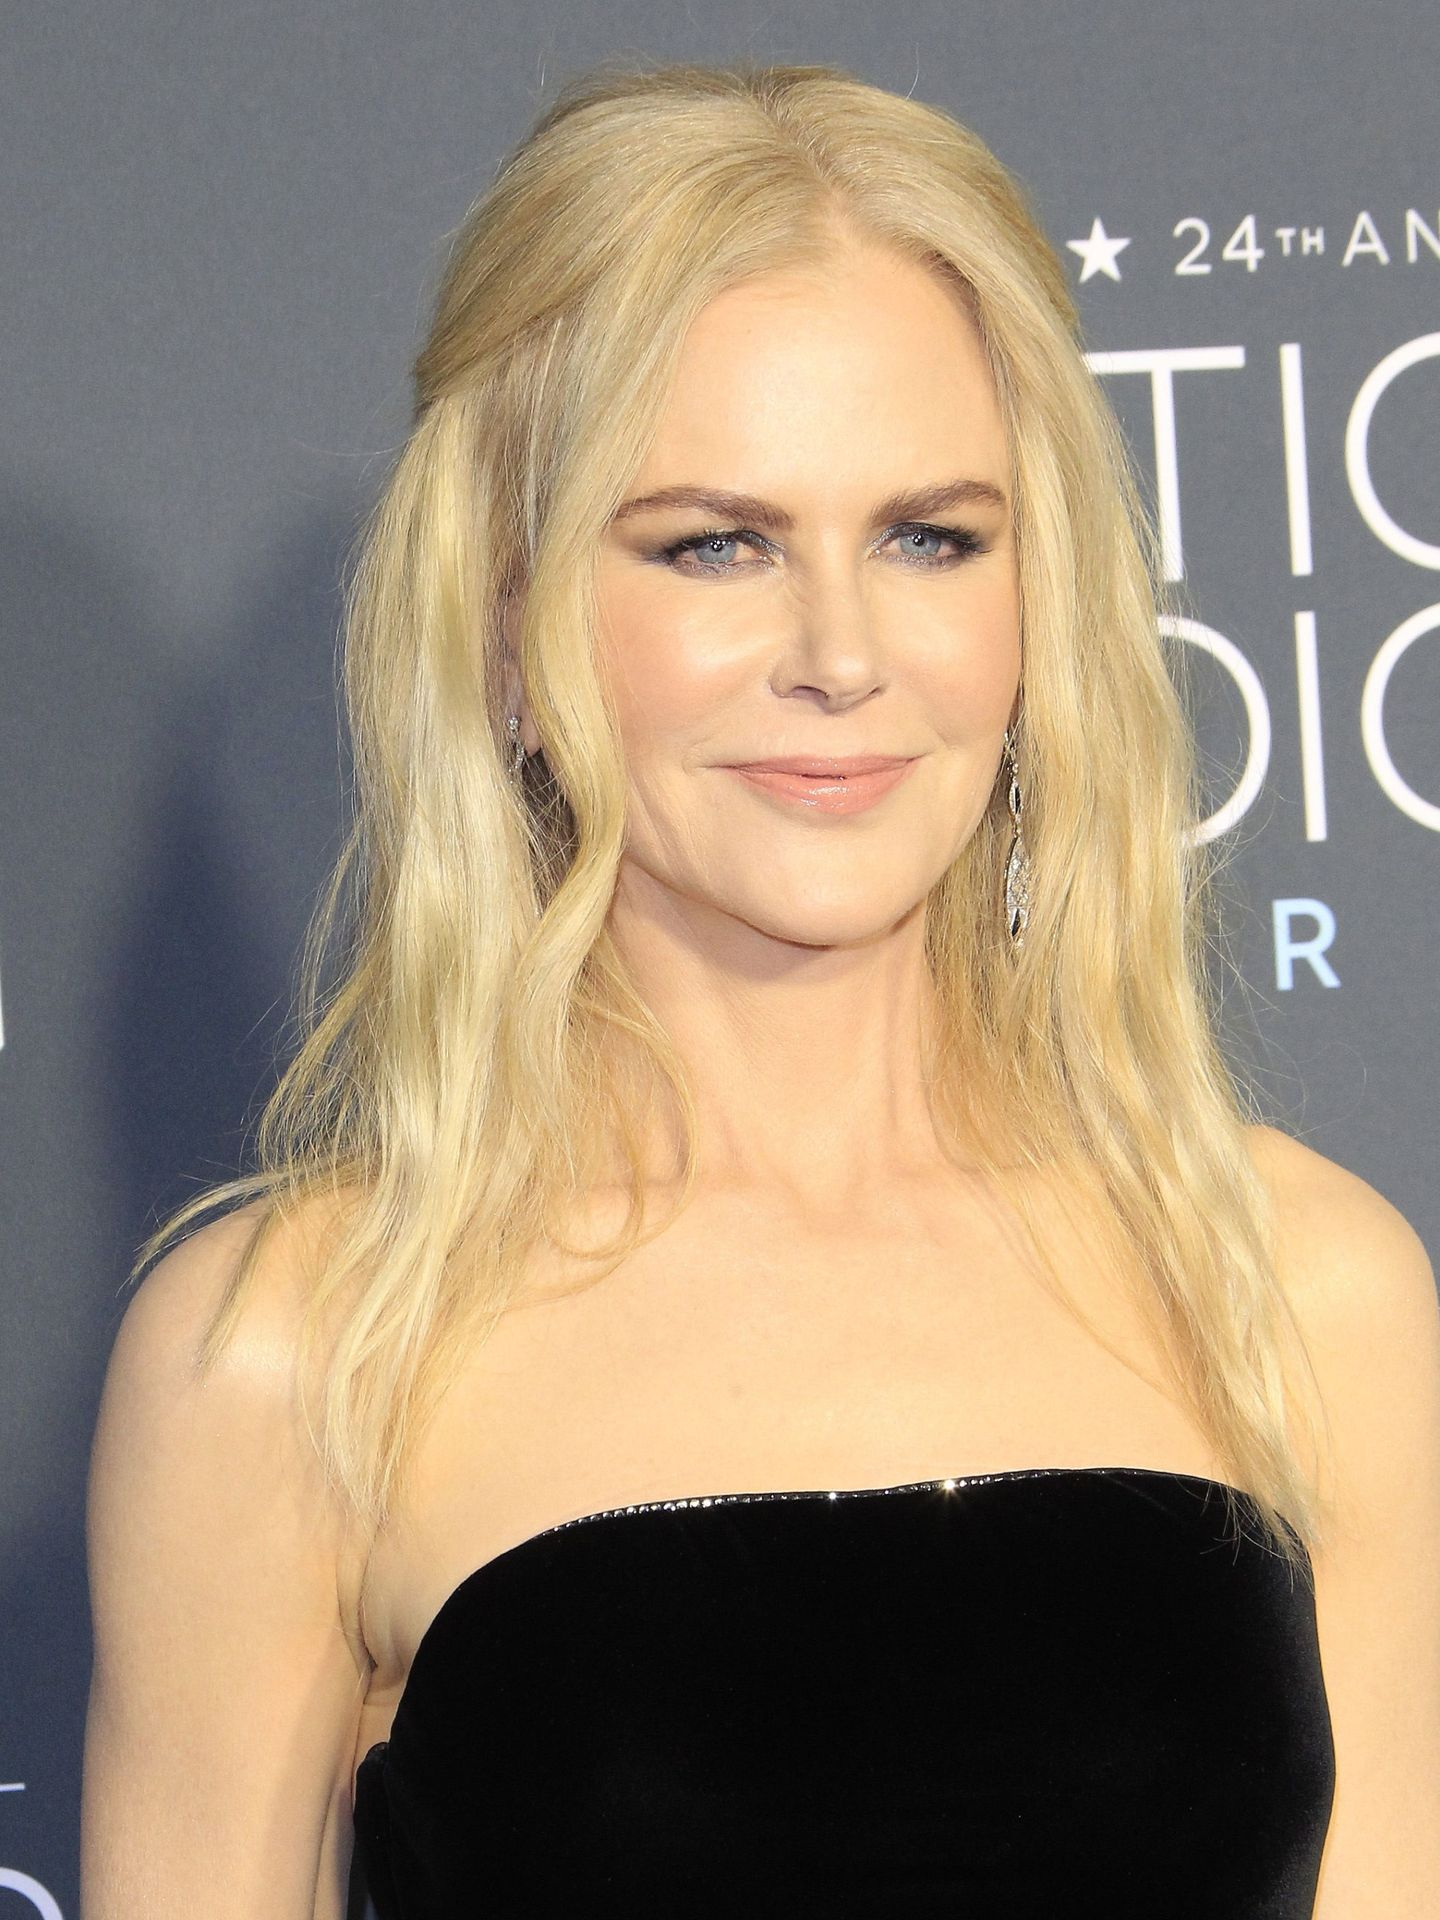 Un primer plano de la actriz donde podemos ver su peinado y maquillaje al detalle.